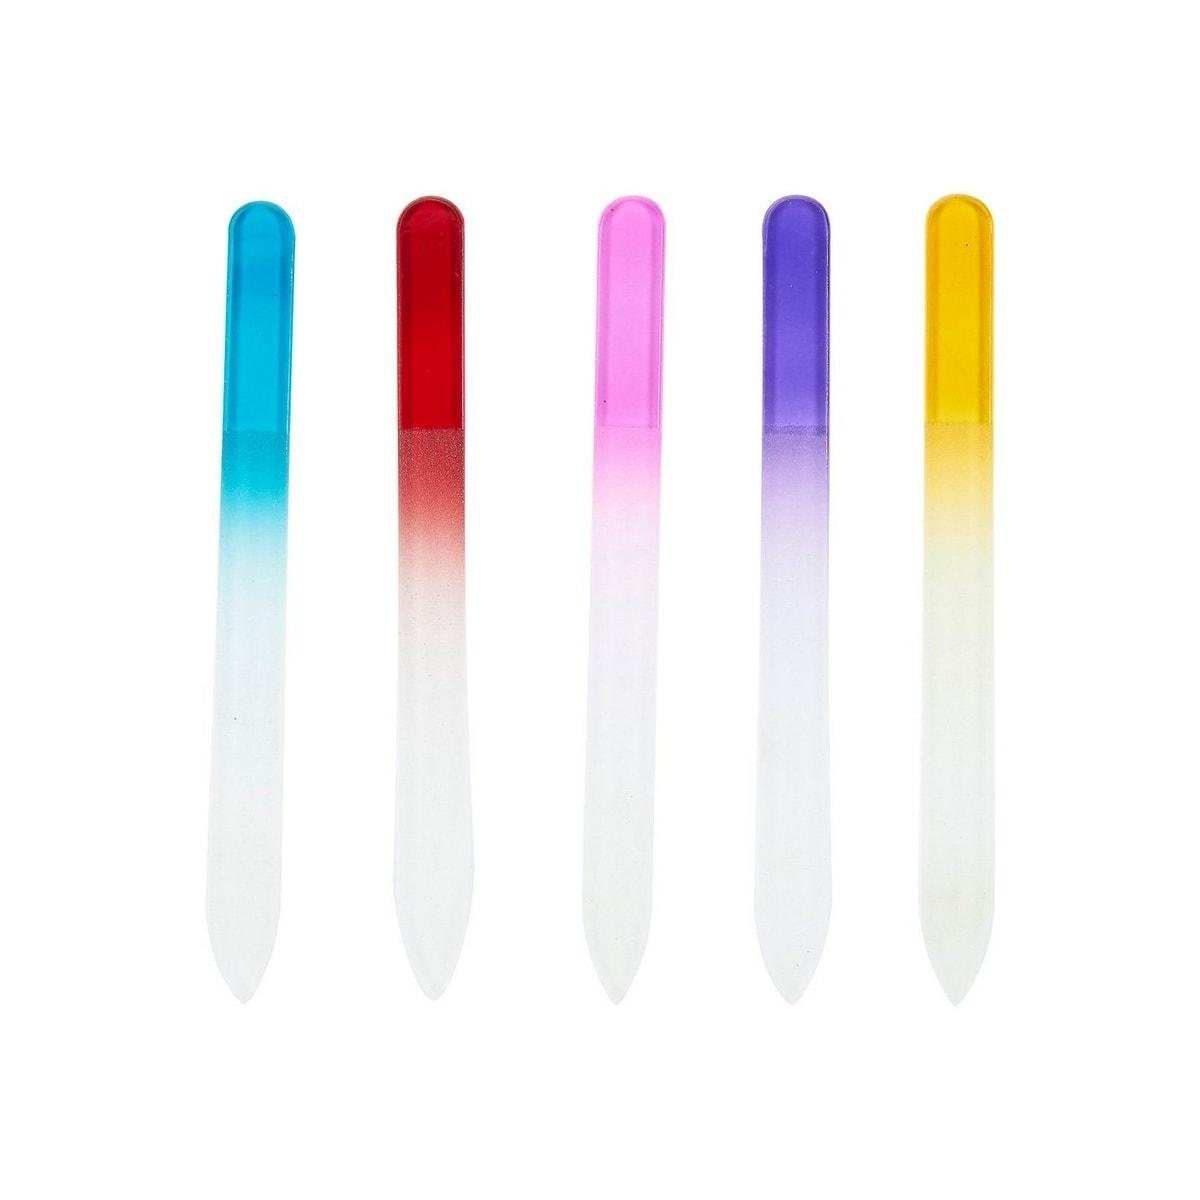 Shop 5 Crystal Glass Nail Files Set for Natural/Acrylic Nails ...